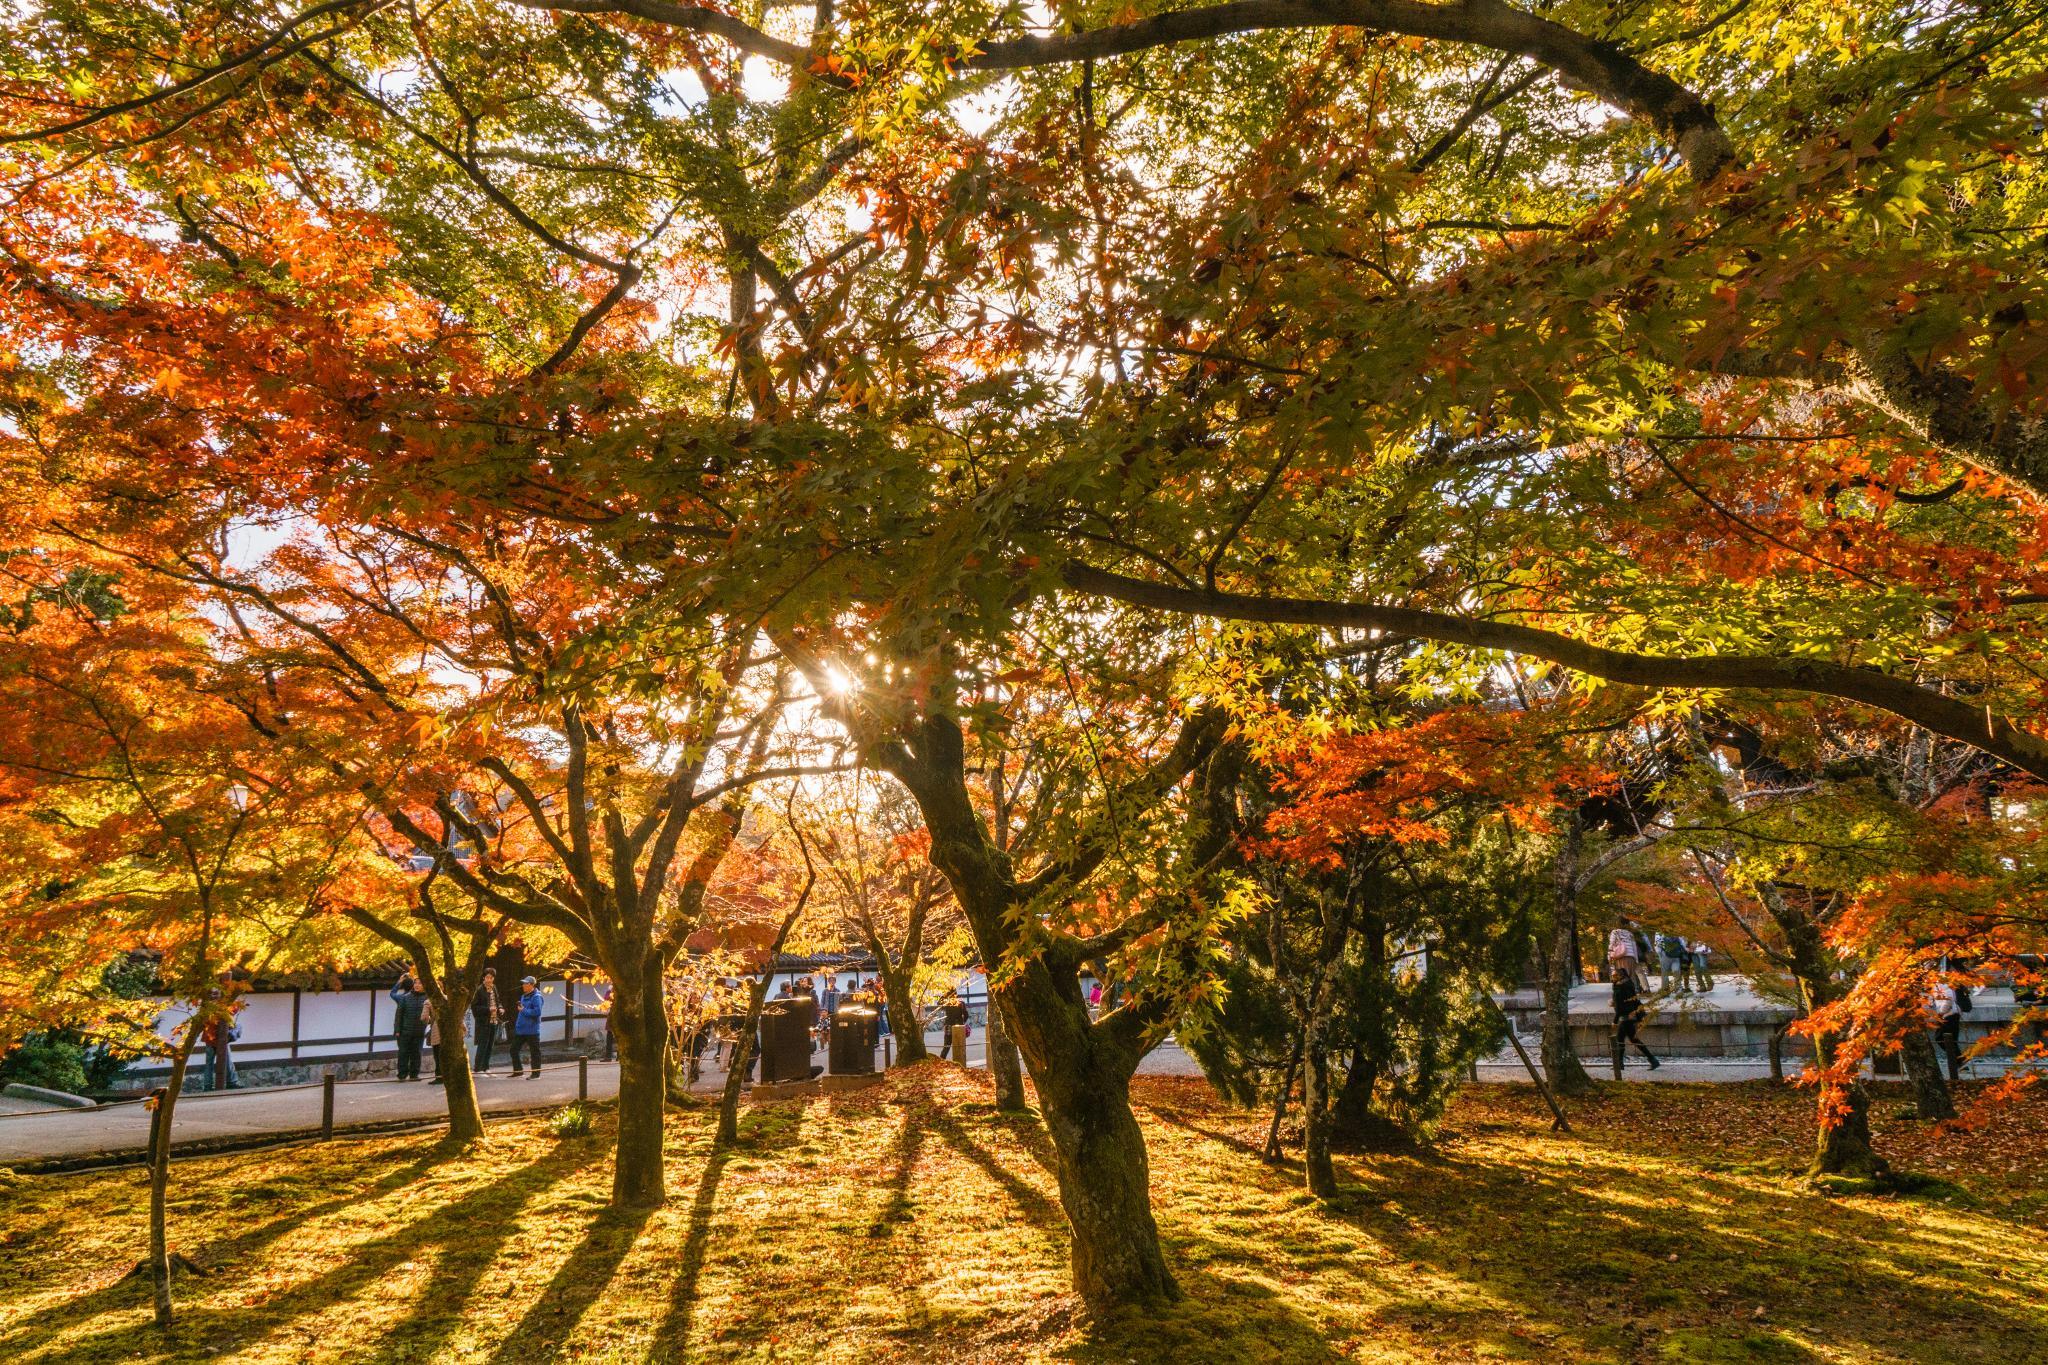 【京都】秋光葉影的古寺散策 - 南禪寺 87